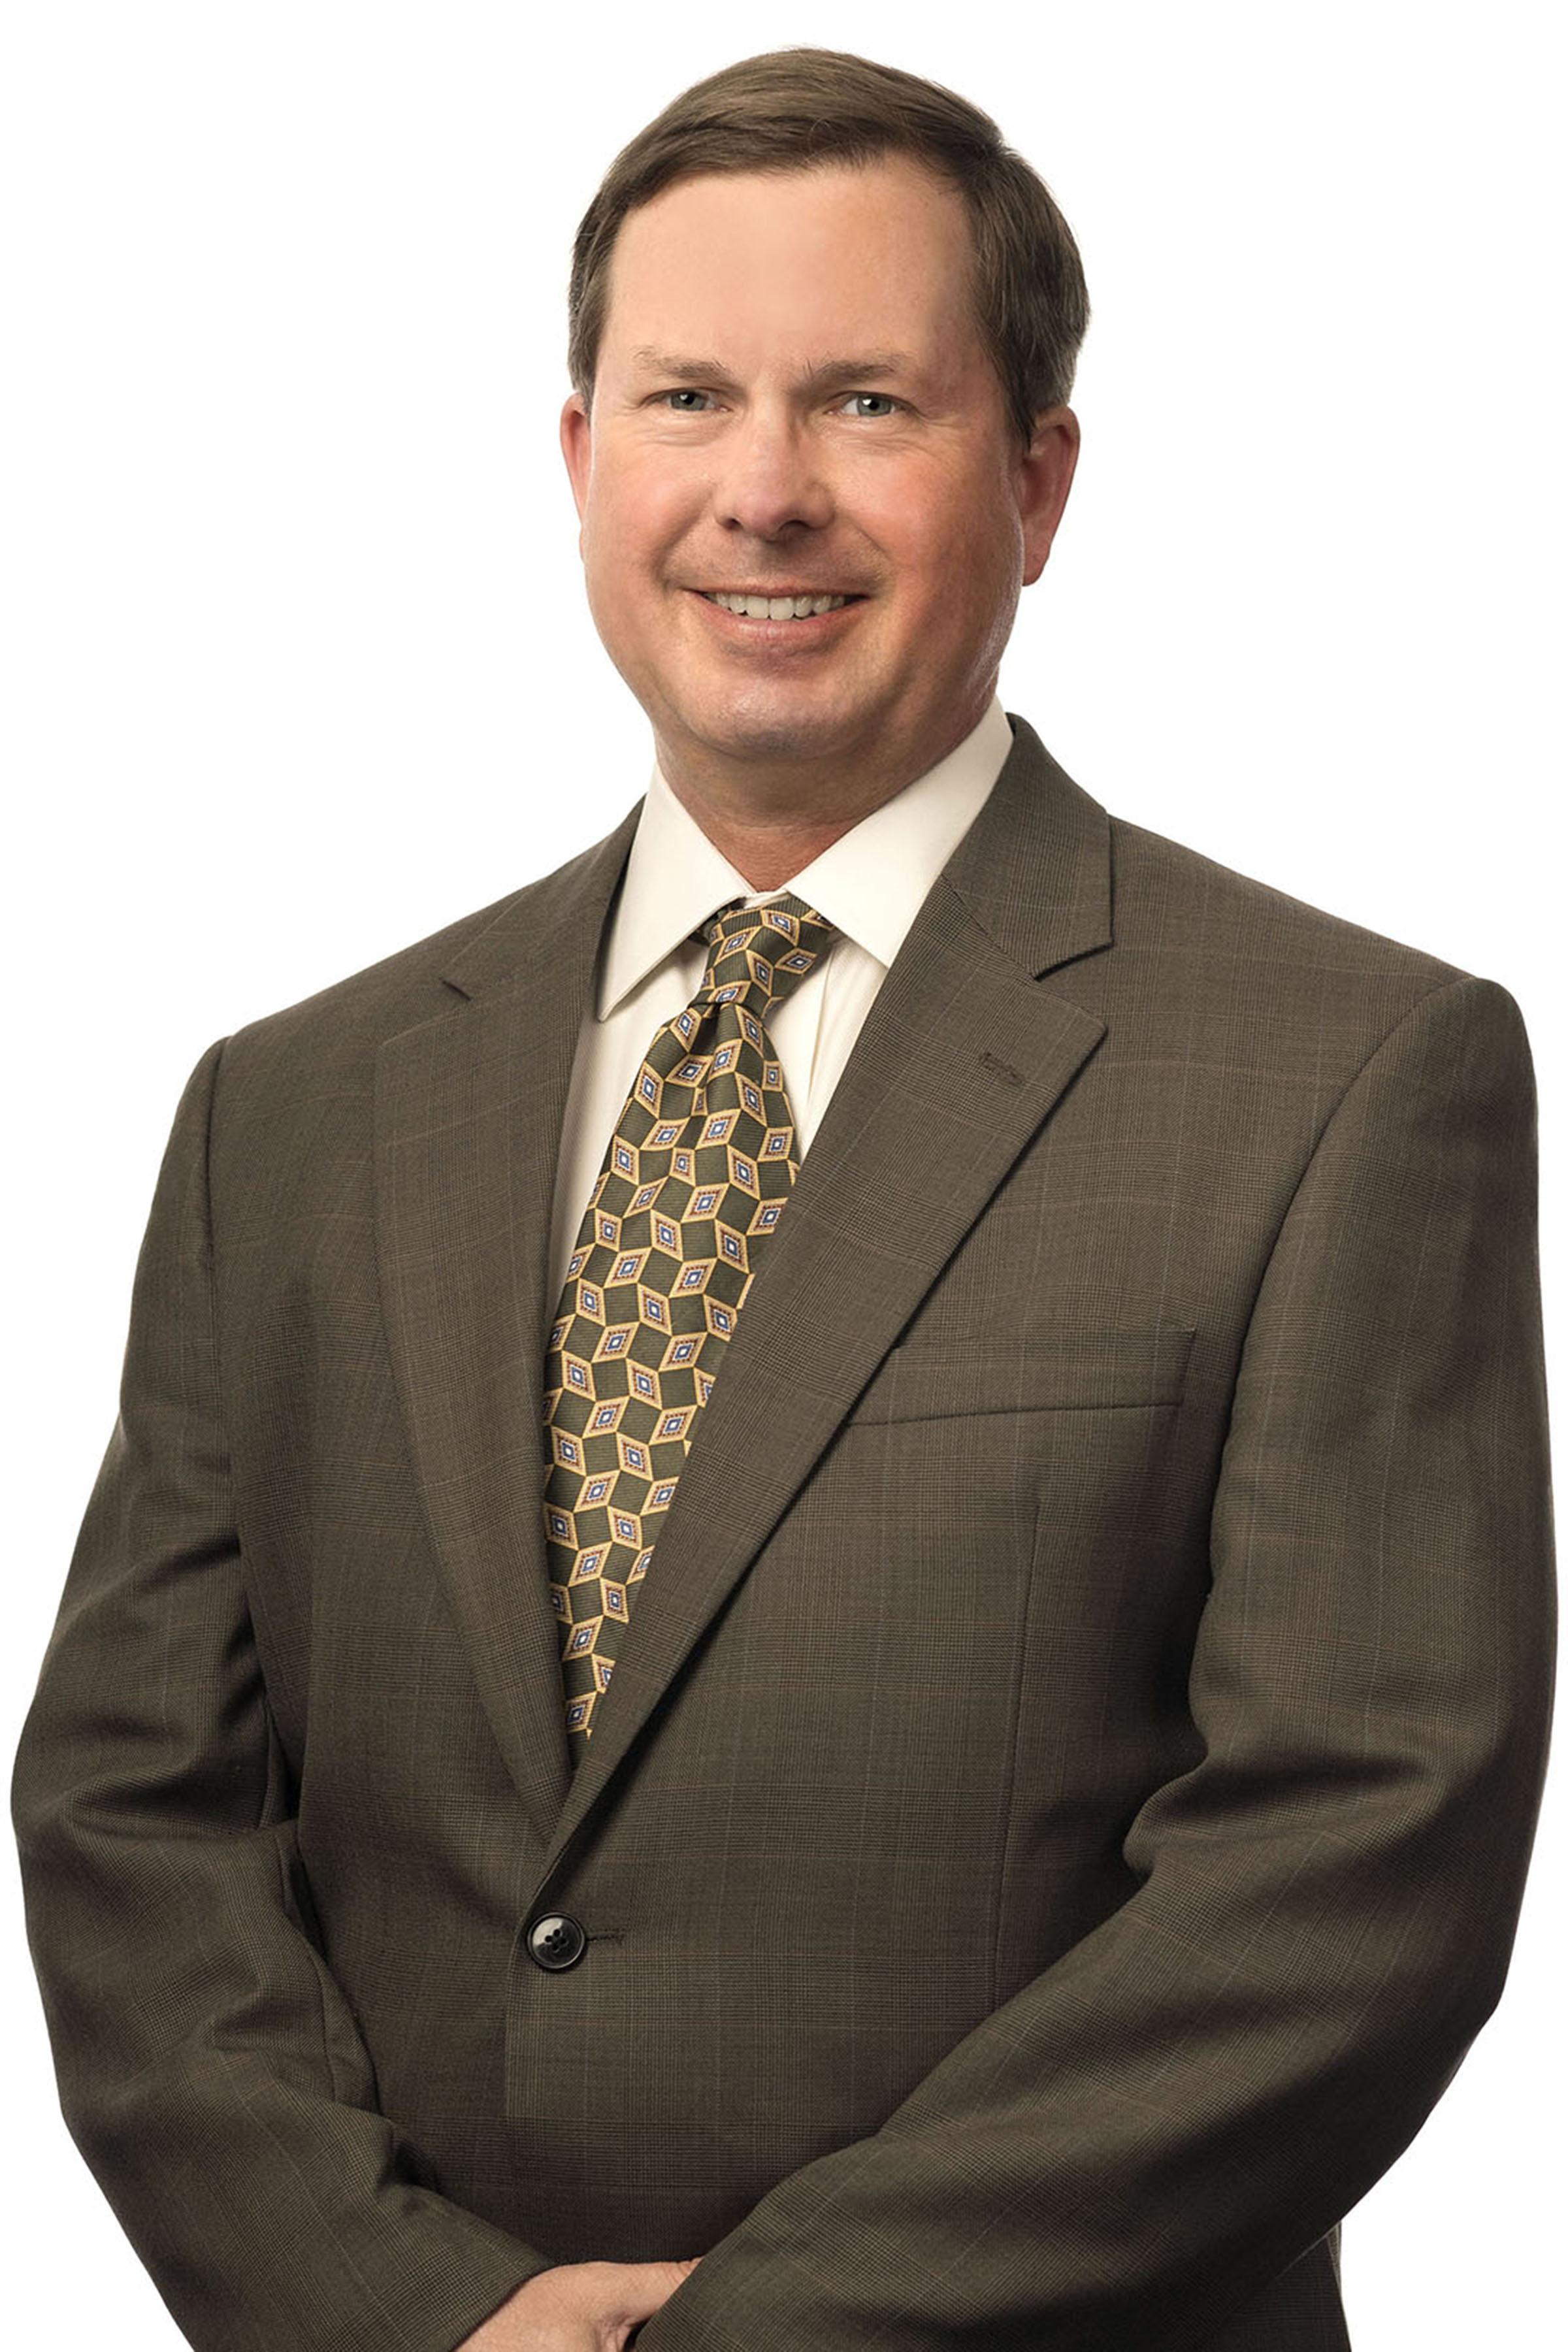 Neil E. Grayson